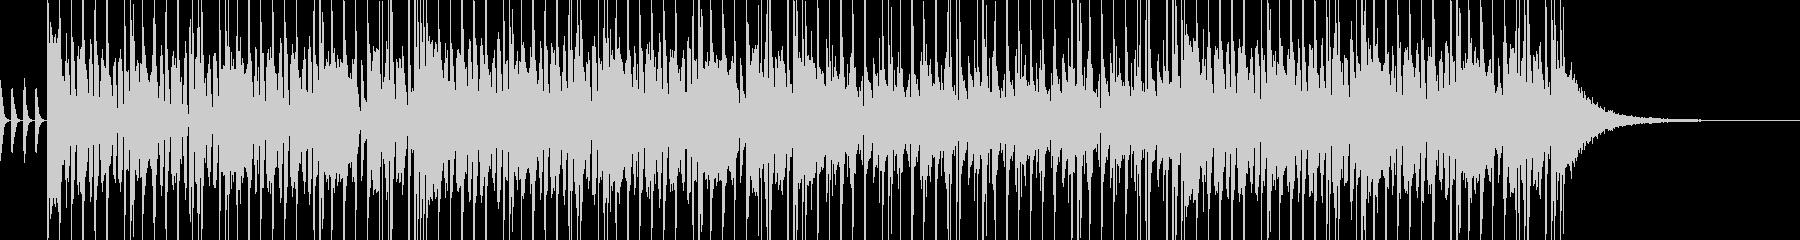 映像系やアニメに合う軽快なファンクの未再生の波形